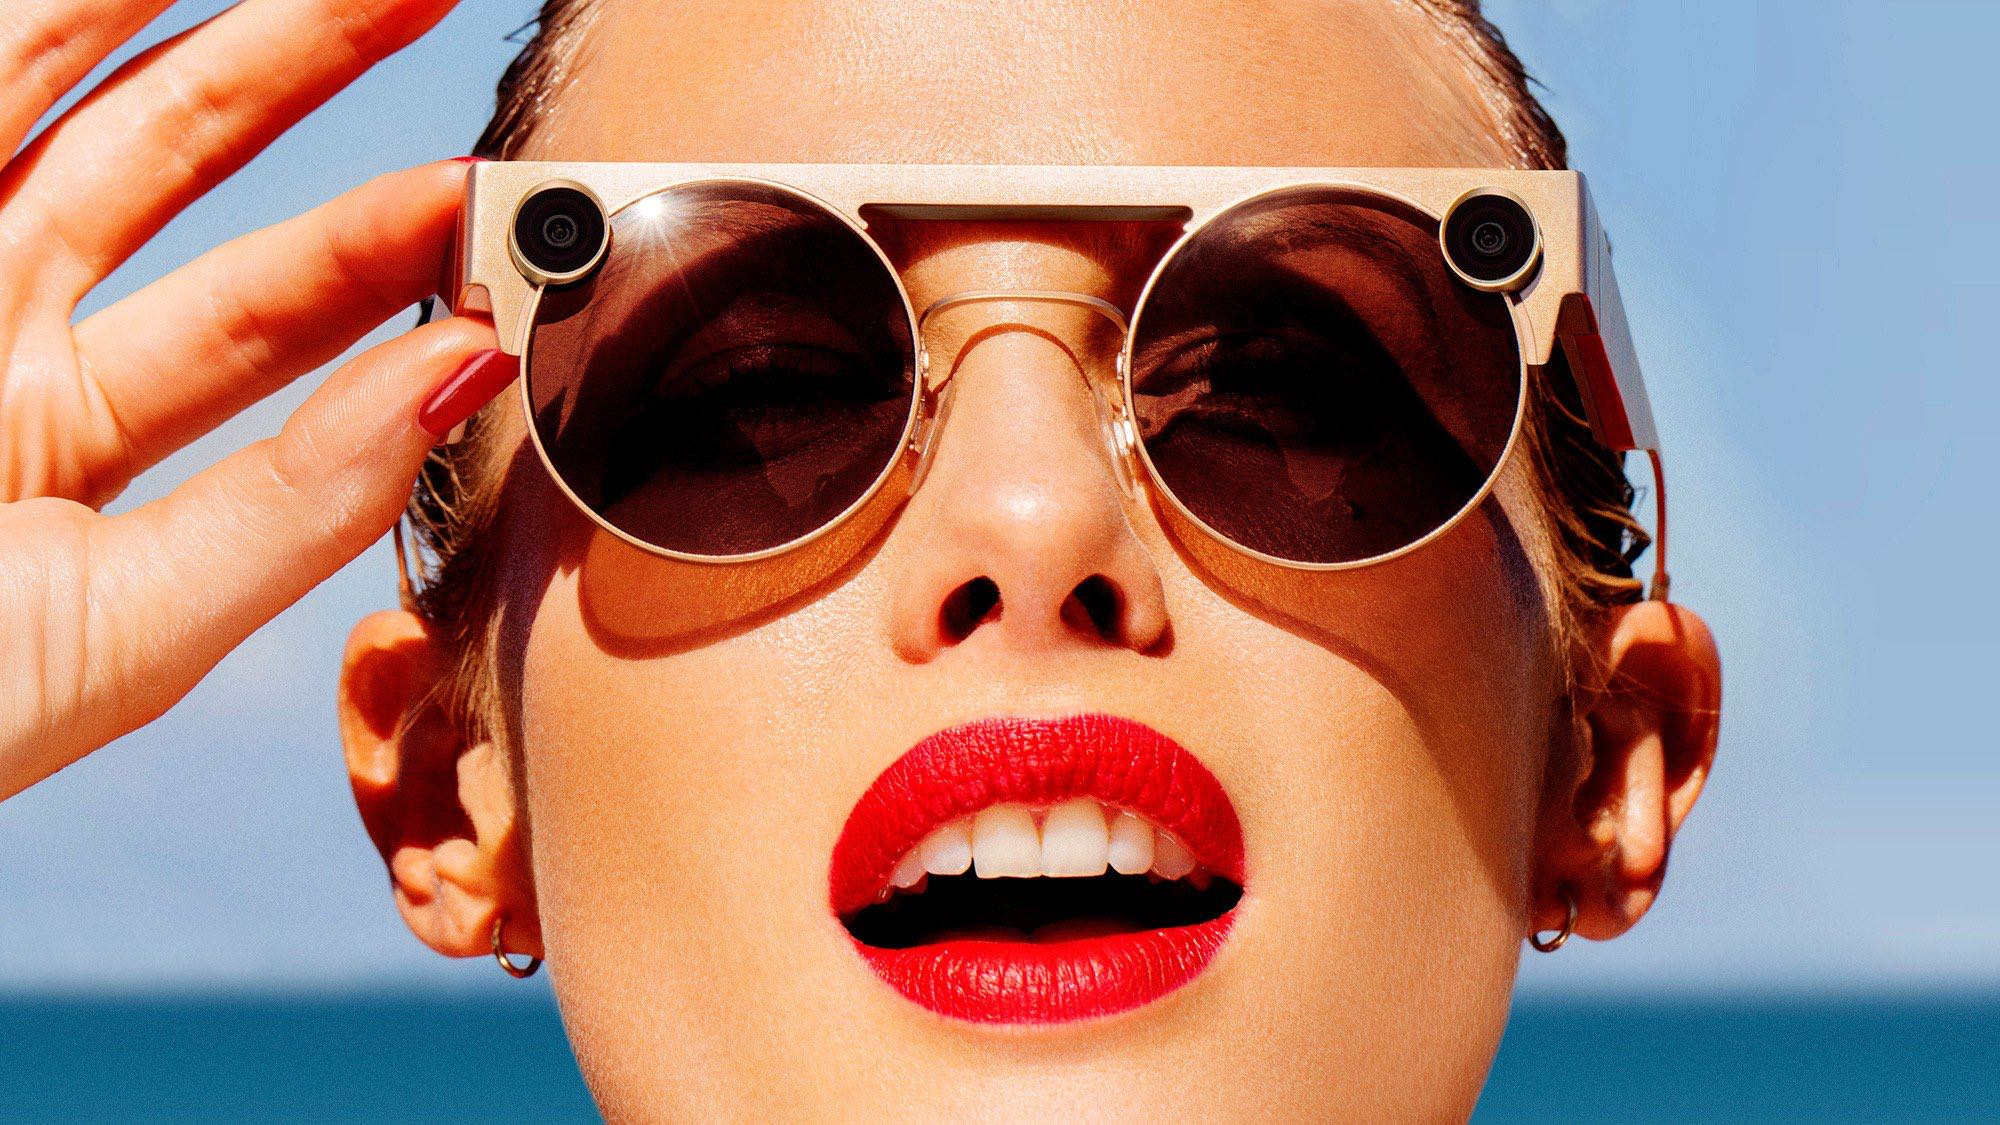 Snapchat no se da por vencido y lanza las Spectacles 3 edición limitada